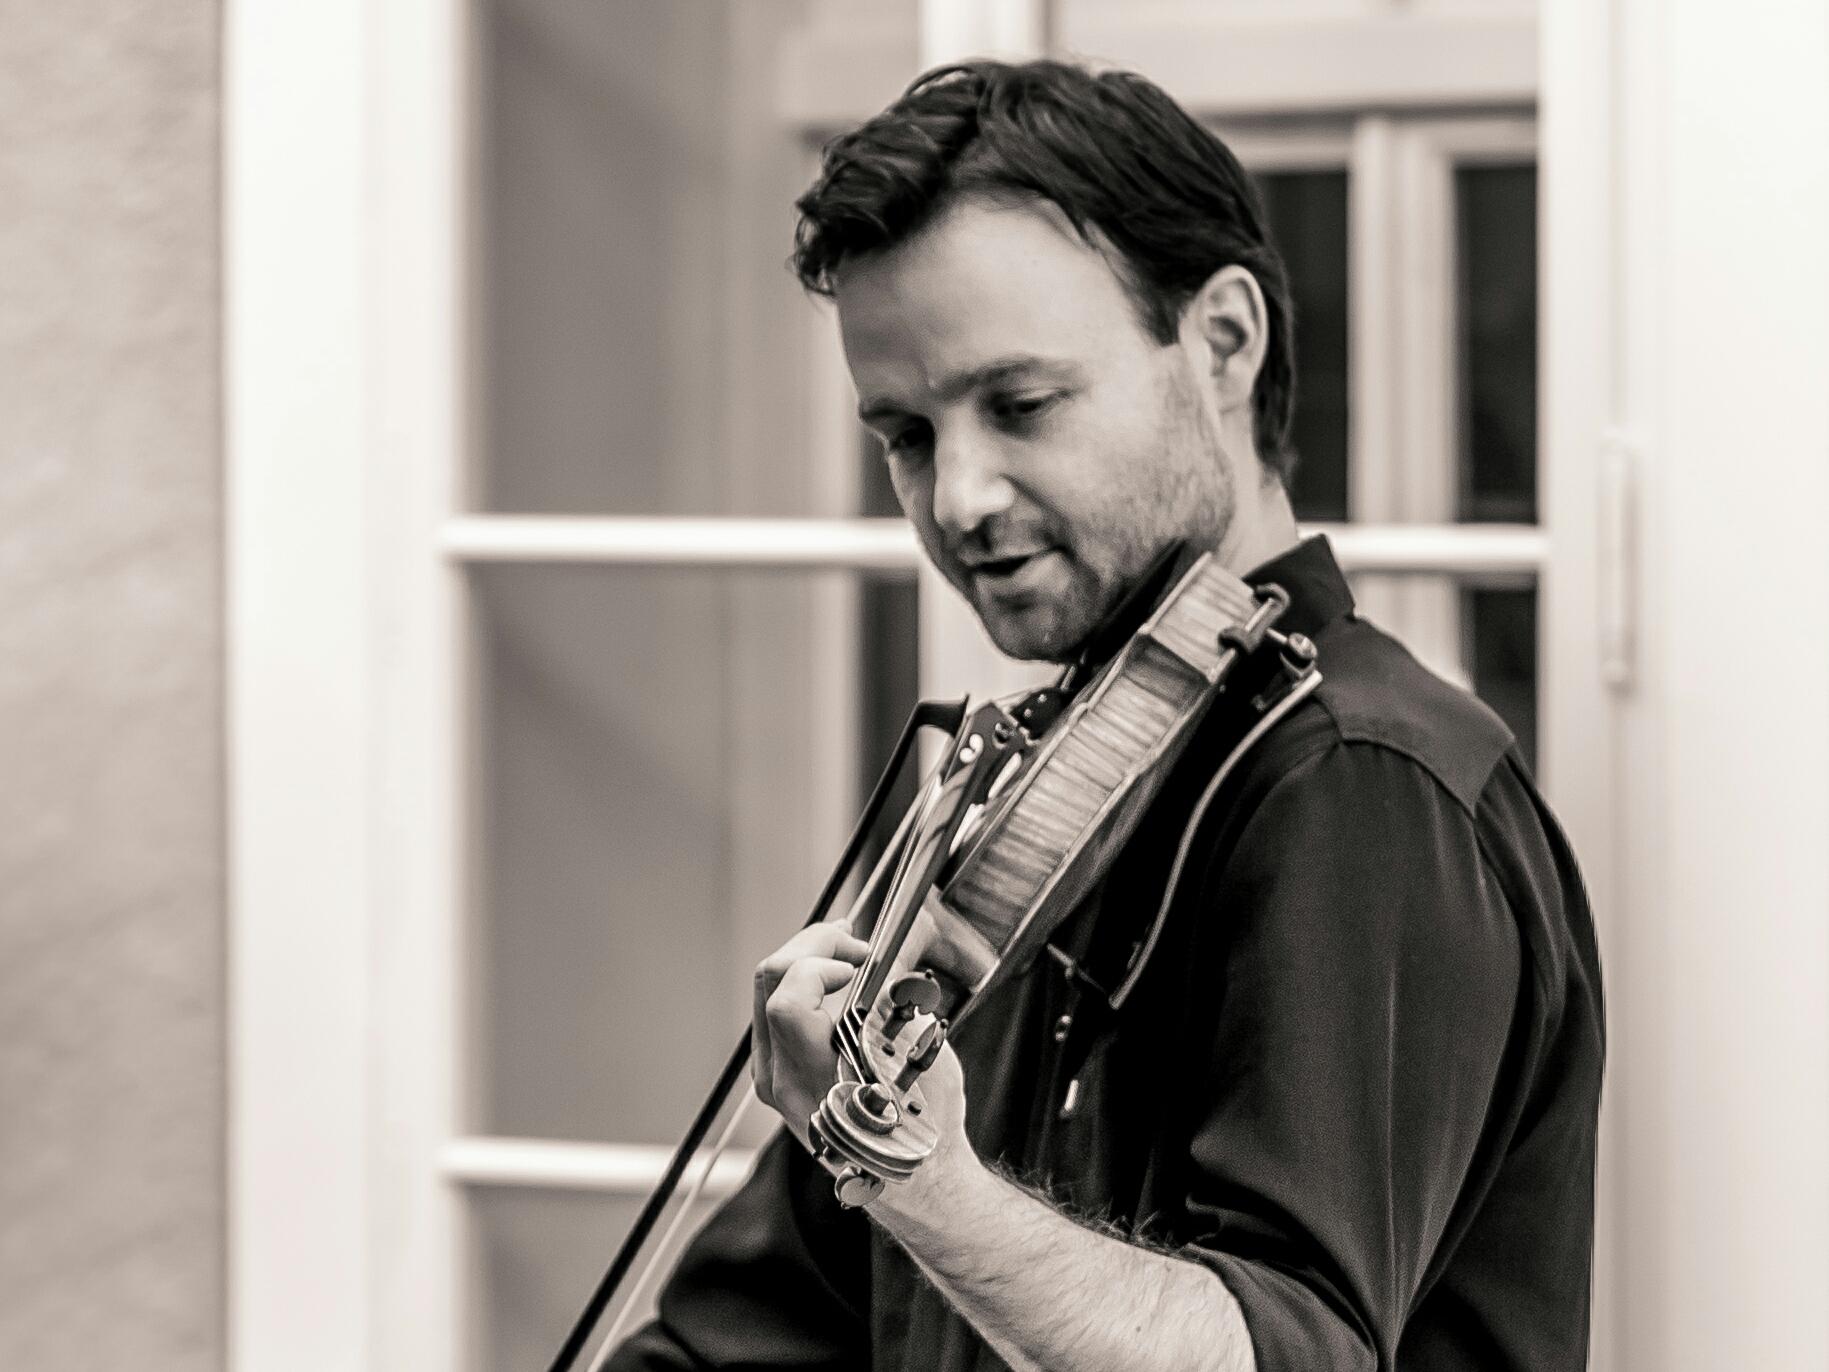 Zoli - musikalische Leidenschaft aus Ungarn